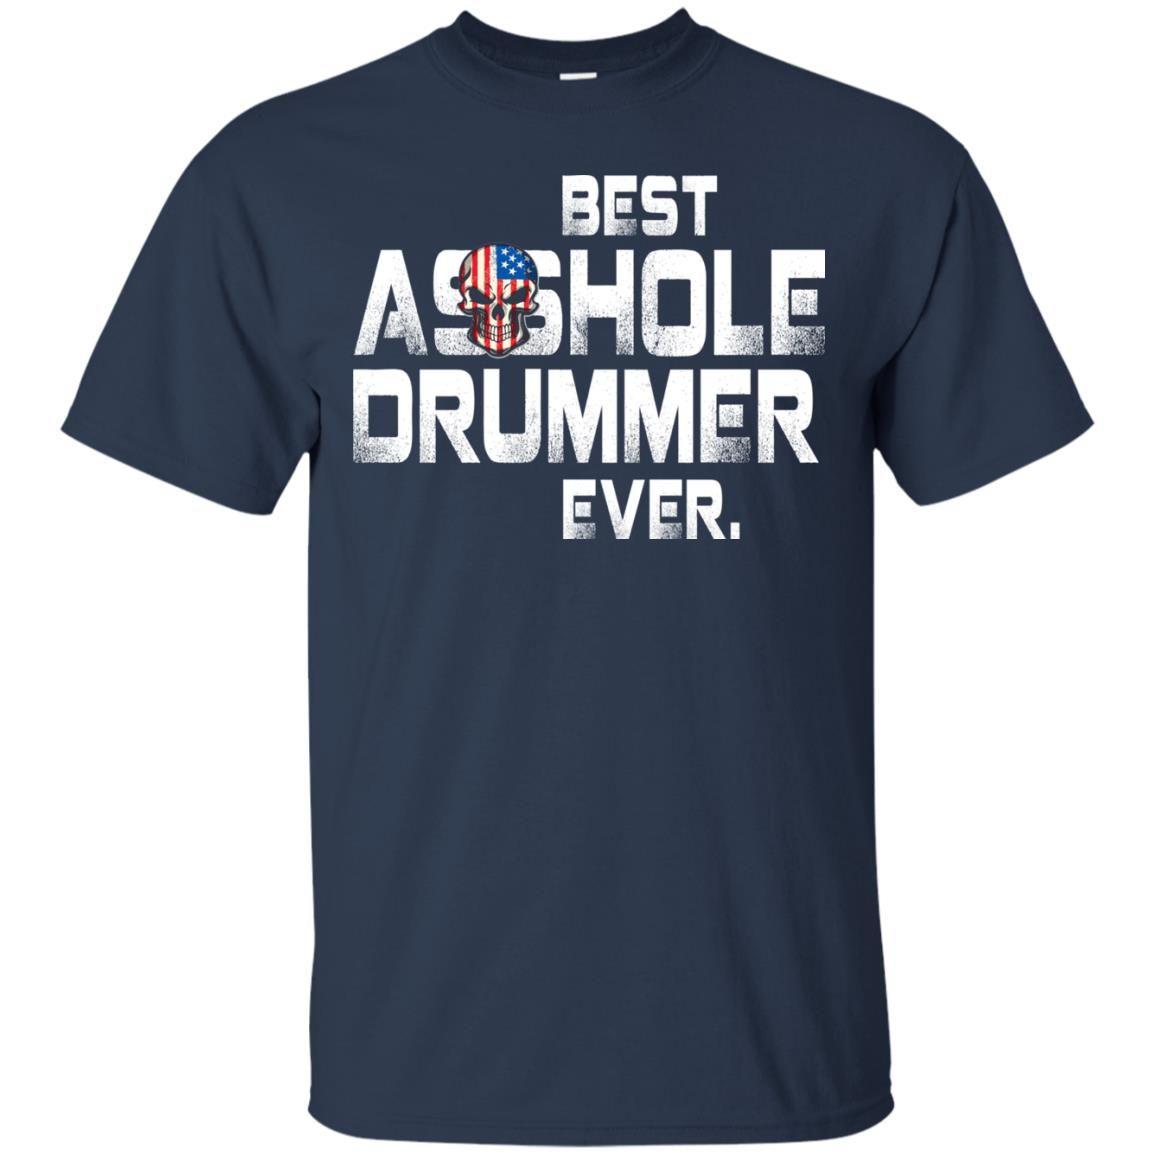 image 1636 - Best Asshole Drummer Ever shirt, sweater, tank top